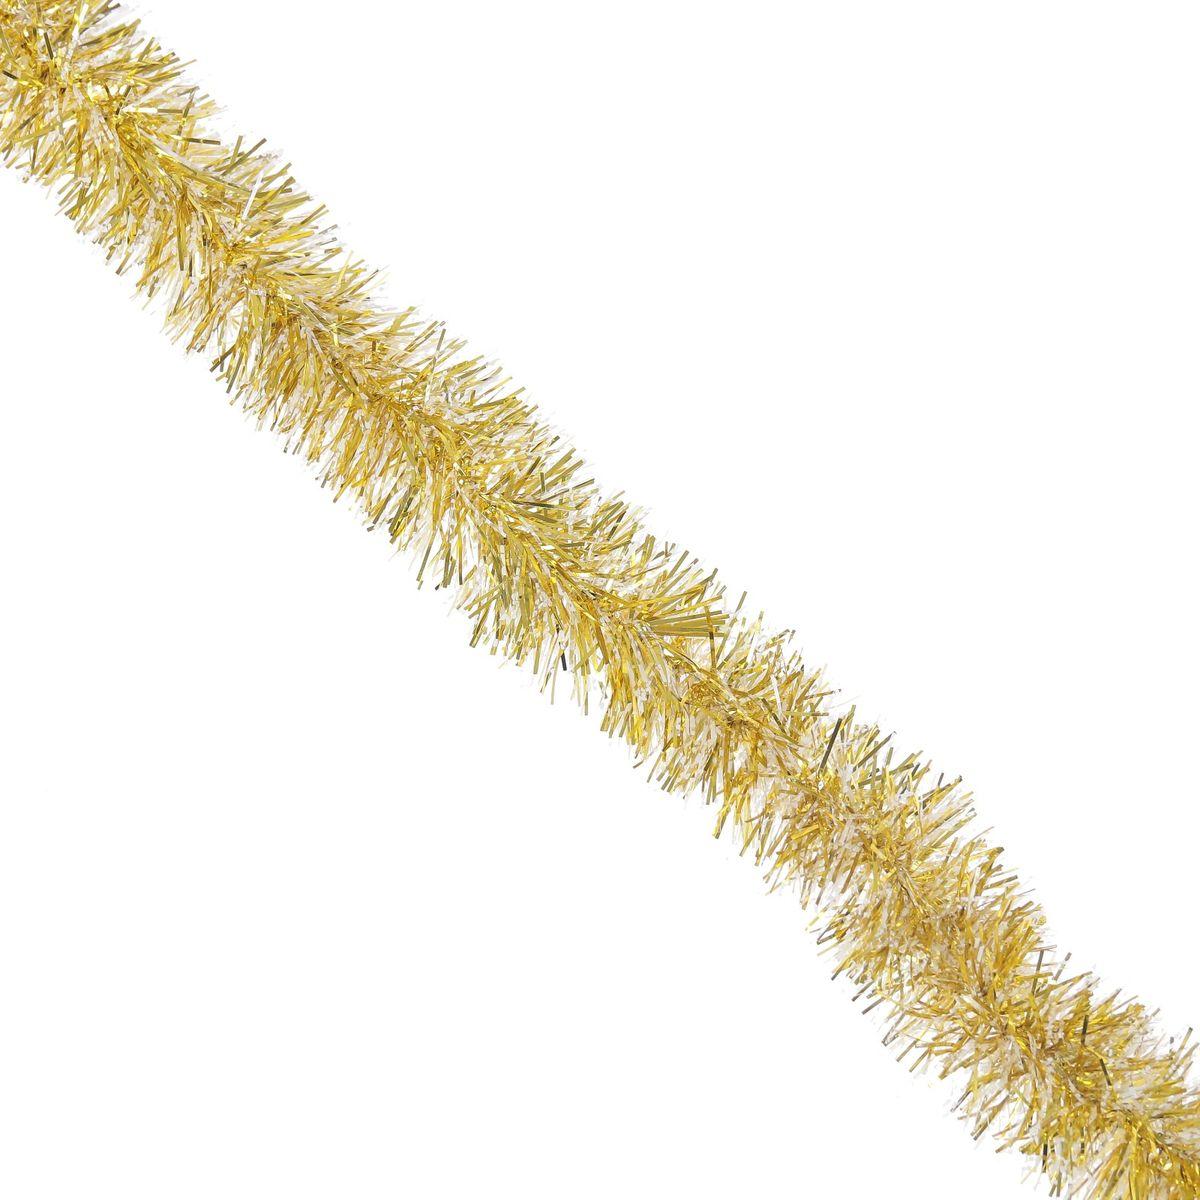 """Мишура новогодняя """"Sima-land"""", цвет: желтый, серебристый, диаметр 6,5 см, длина 140 см. 627195"""